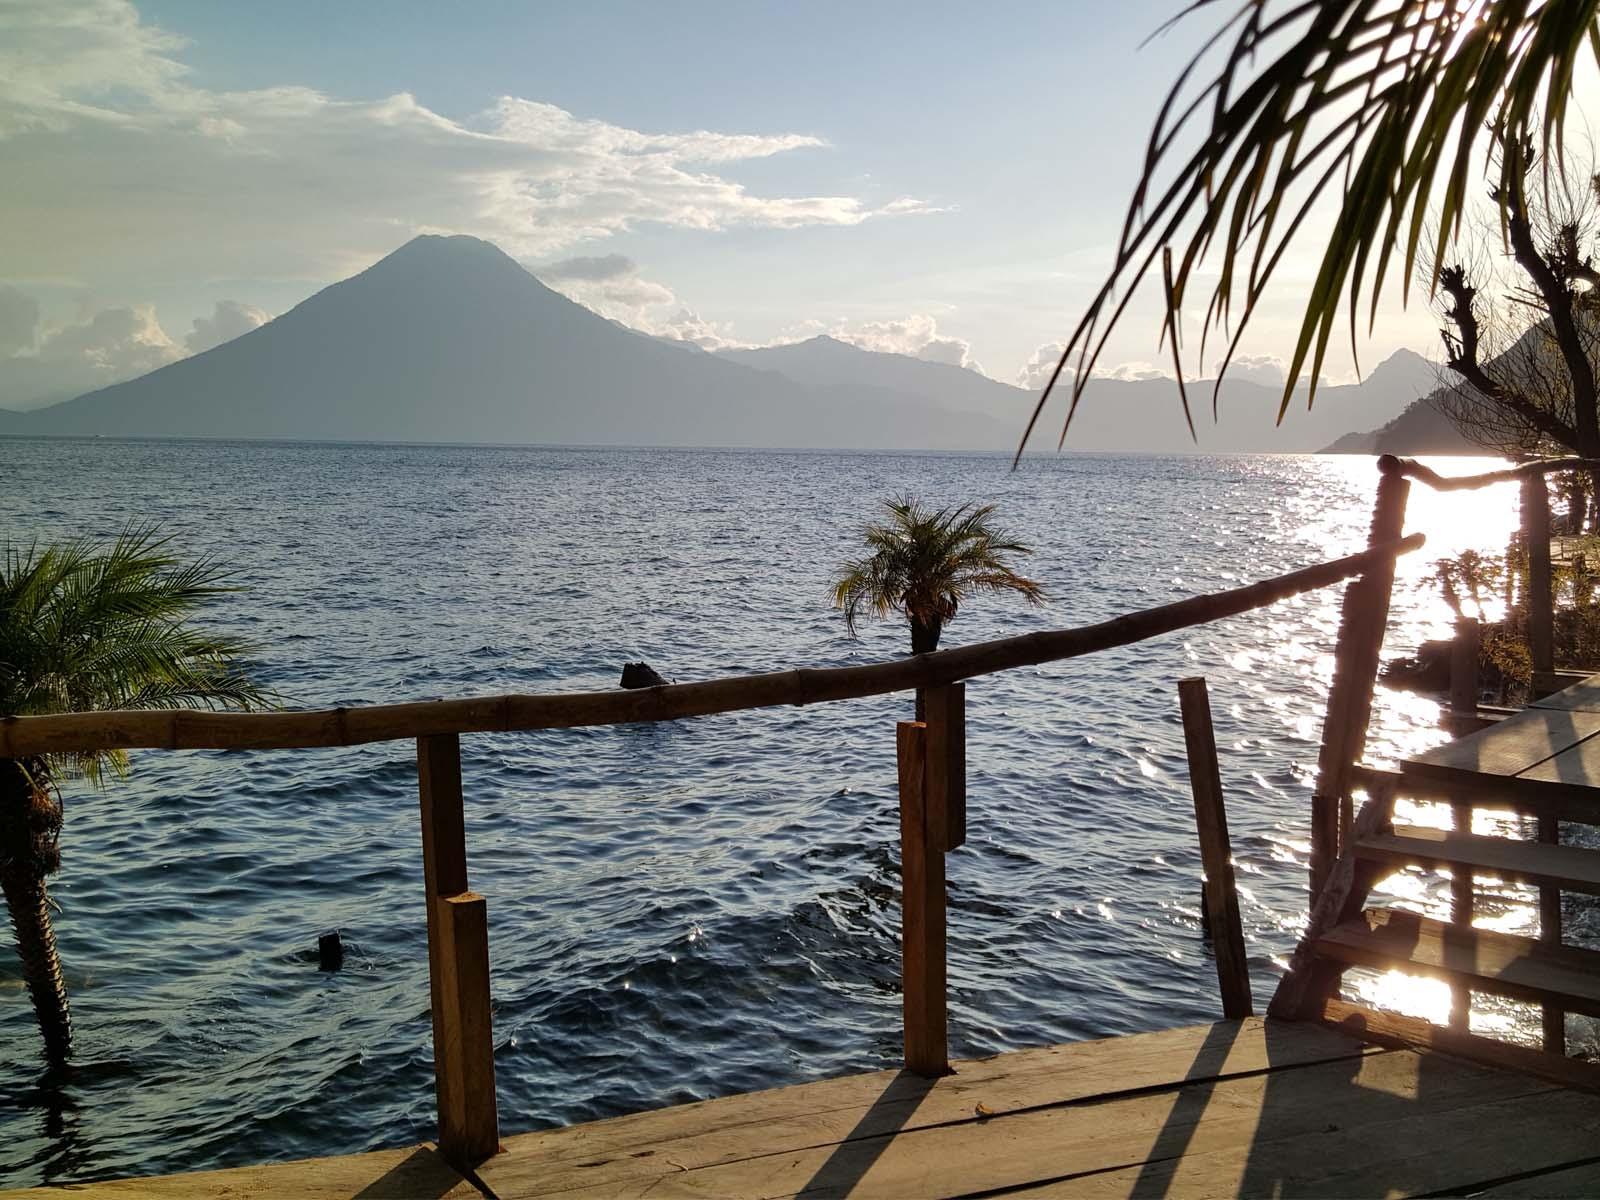 volcanoview